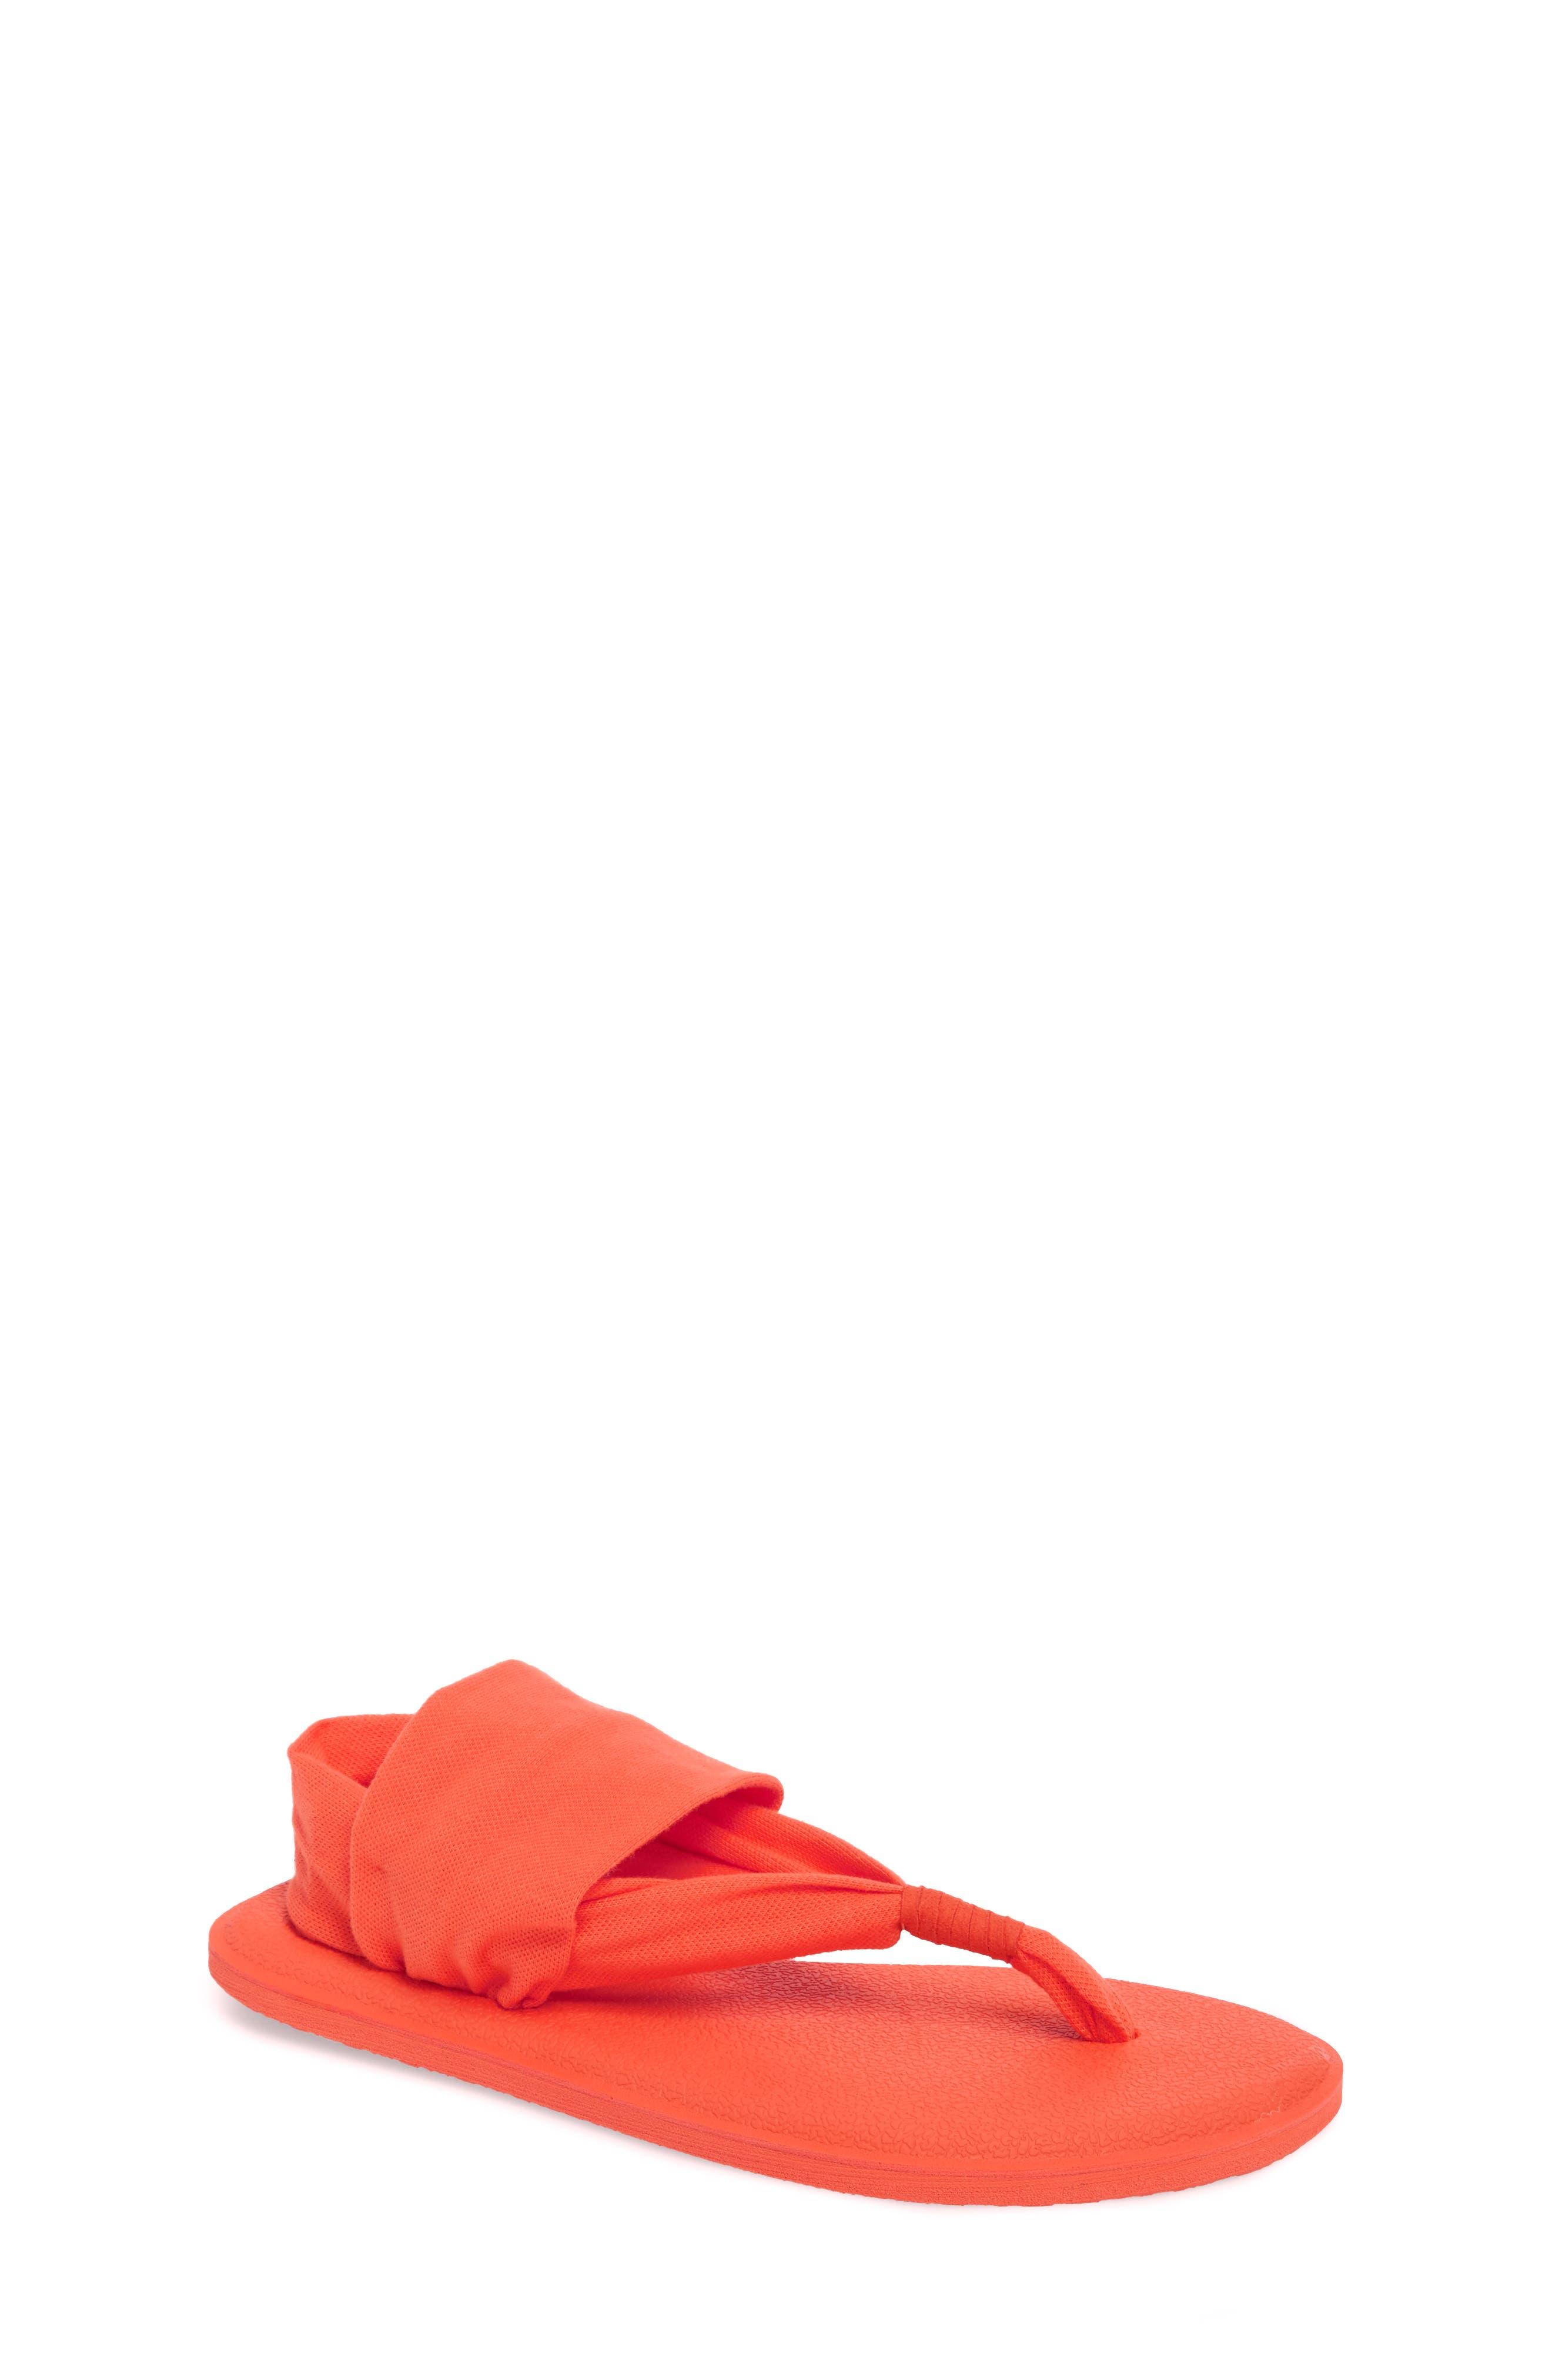 SANUK 'Yoga Sling Burst' Sandal, Main, color, NASTURIUM